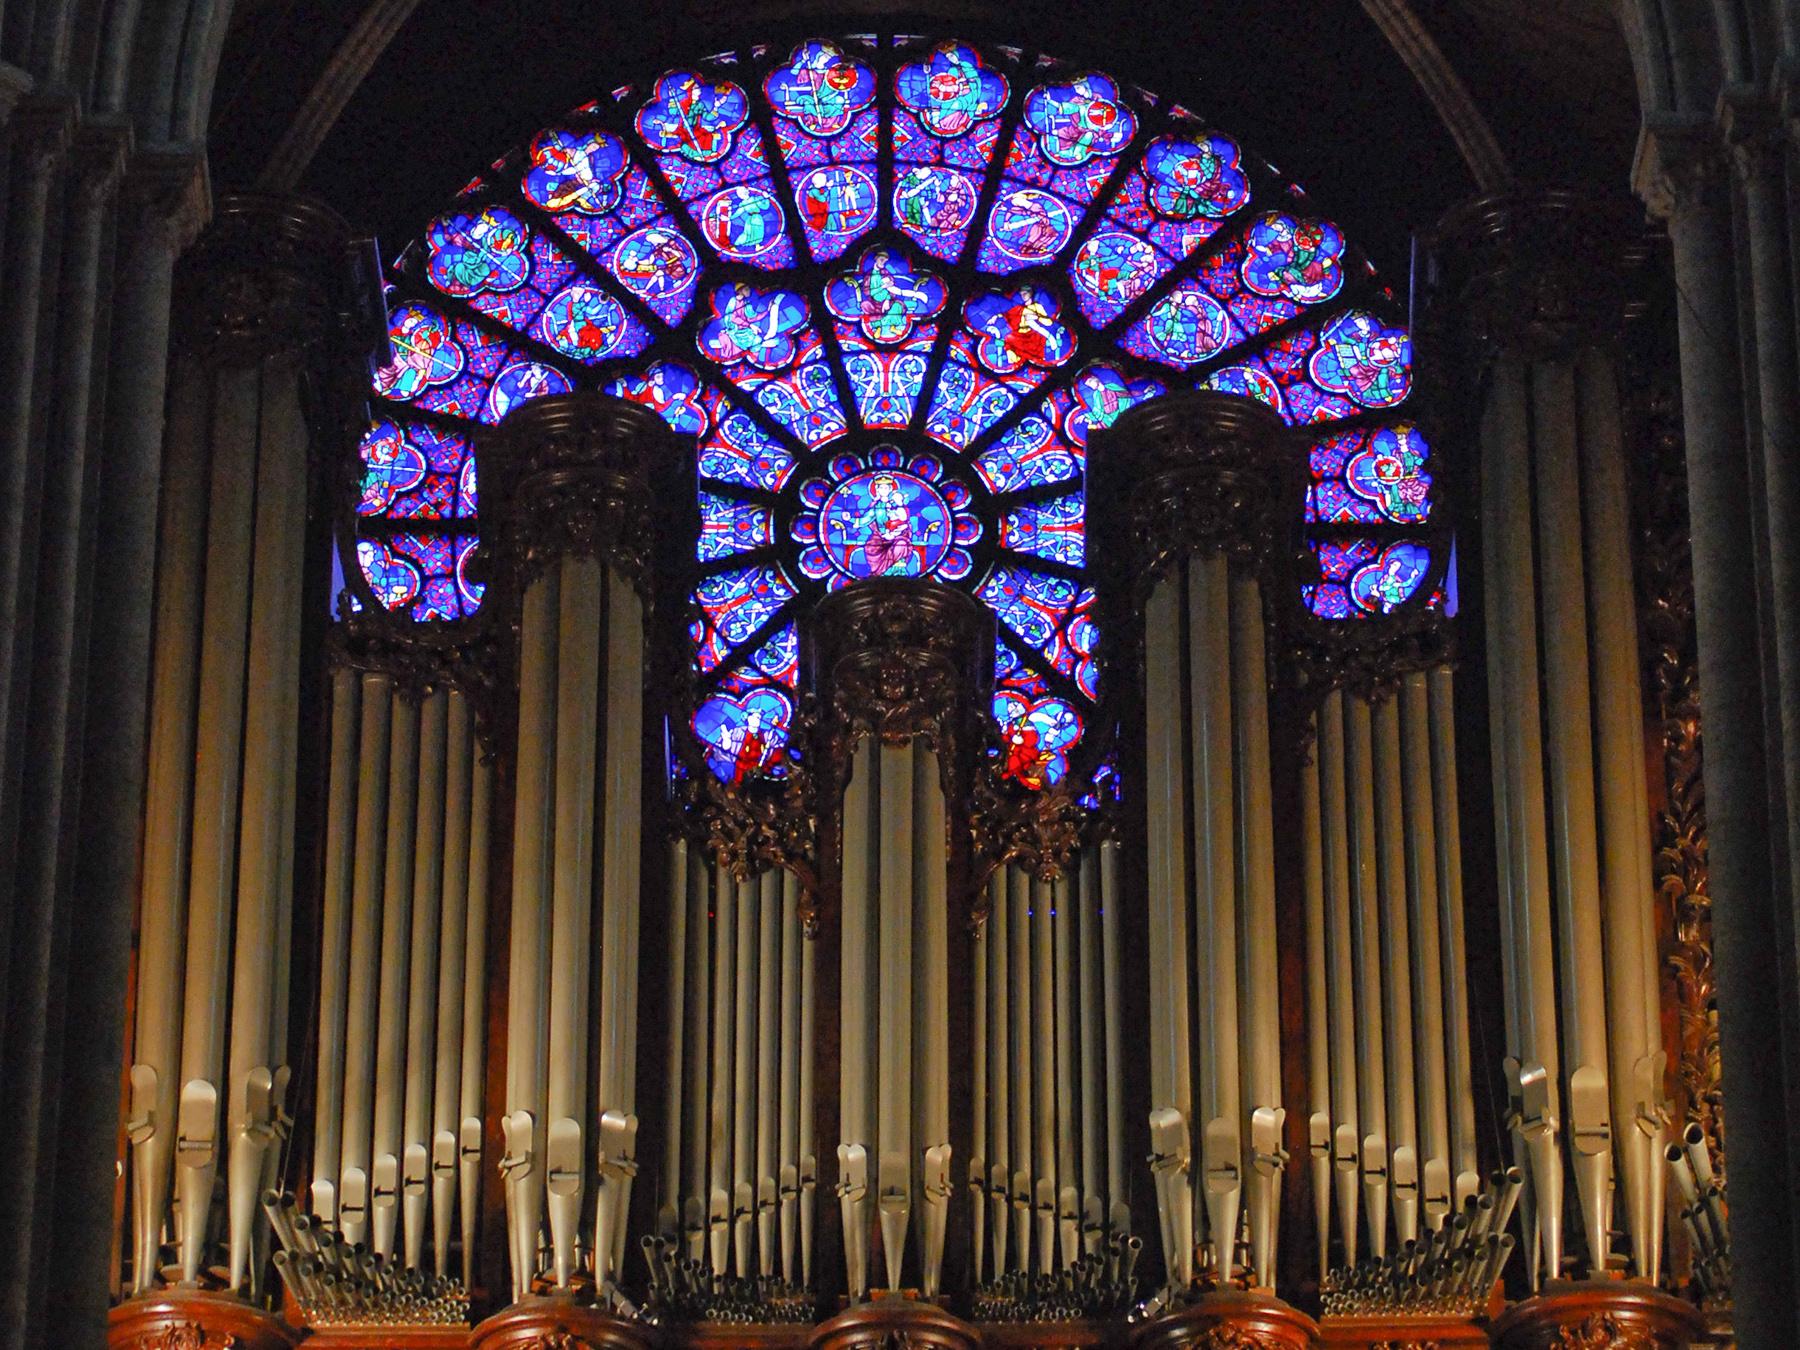 cathedral-organ